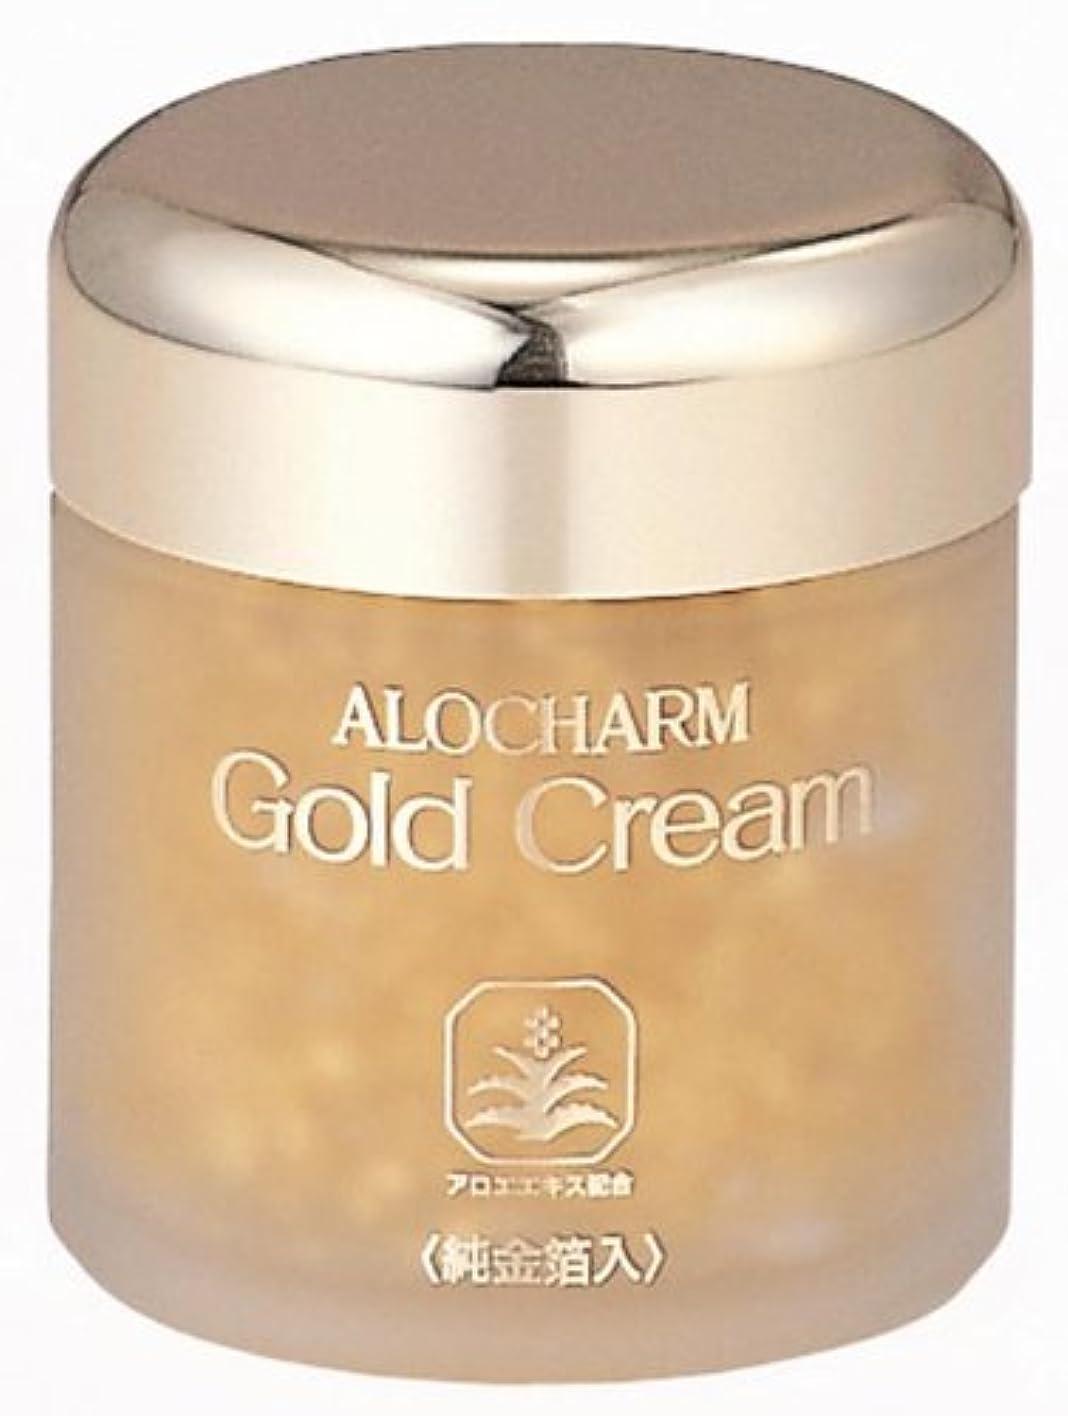 有限邪魔不測の事態アロチャーム 純金箔入り ゴールドクリーム 65g